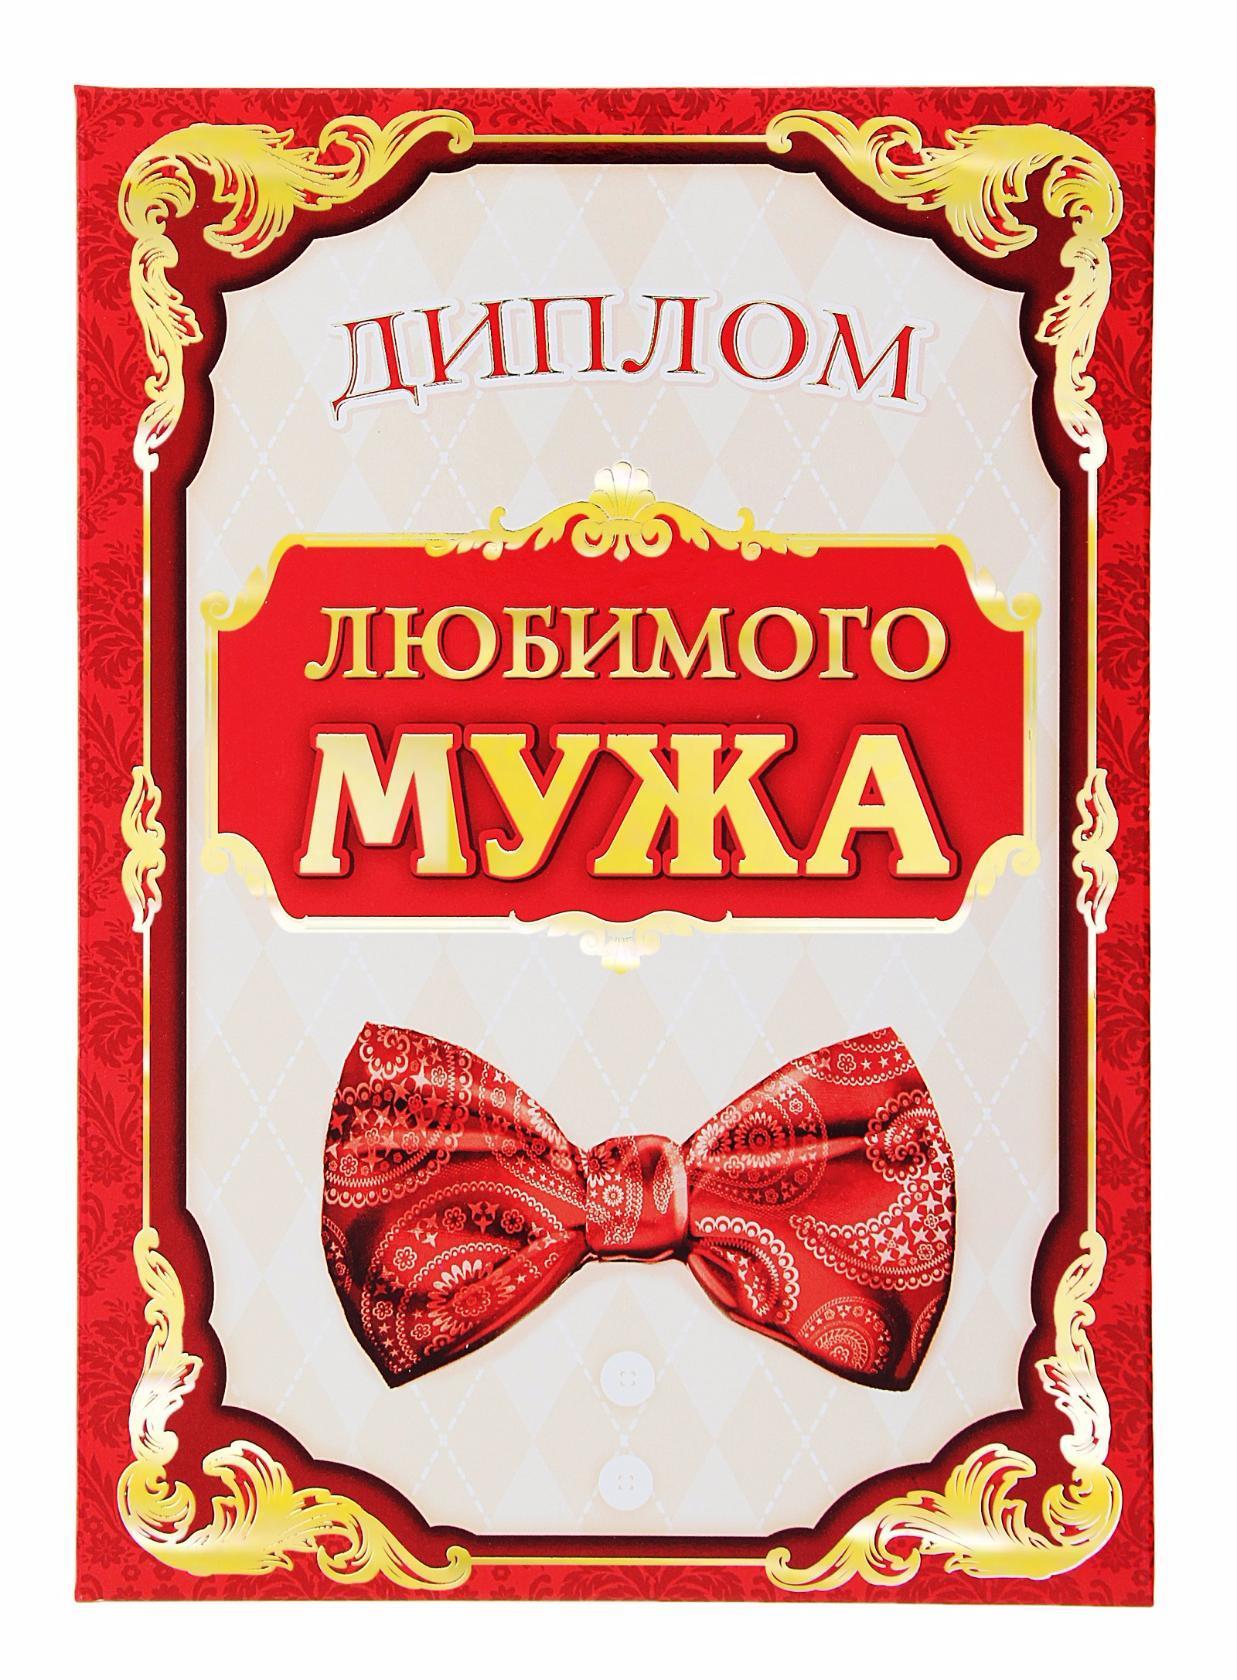 Печать грамот и дипломов для мужа в Москве | фото 1